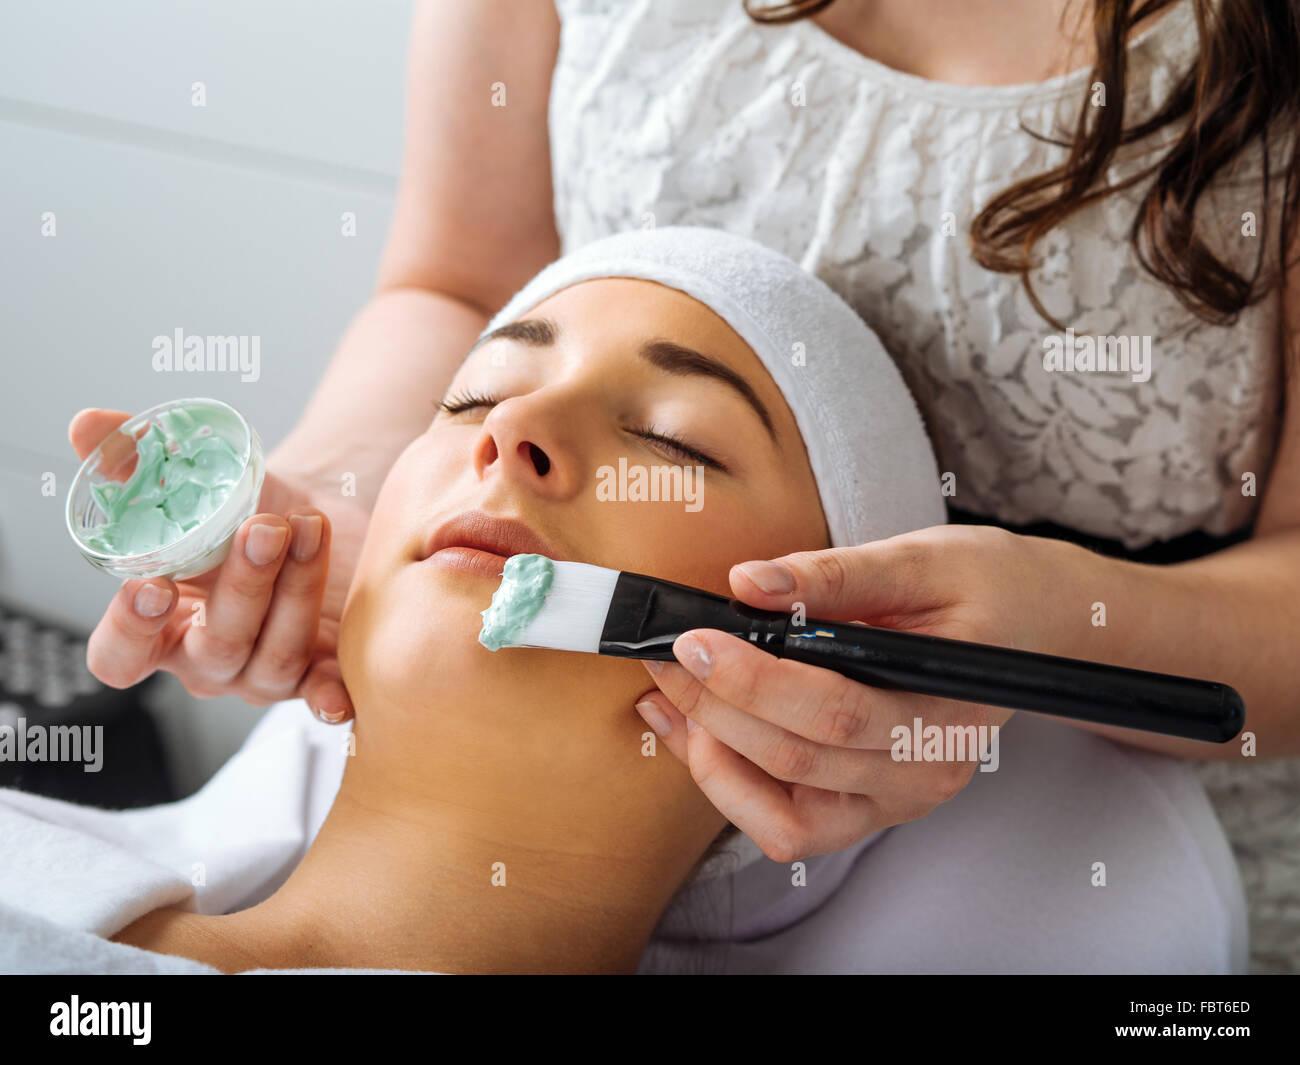 Foto von einem jungen schönen Mädchen erhalten eine grüne Gesichtsmaske in Spa-Beauty-Salon. Stockbild